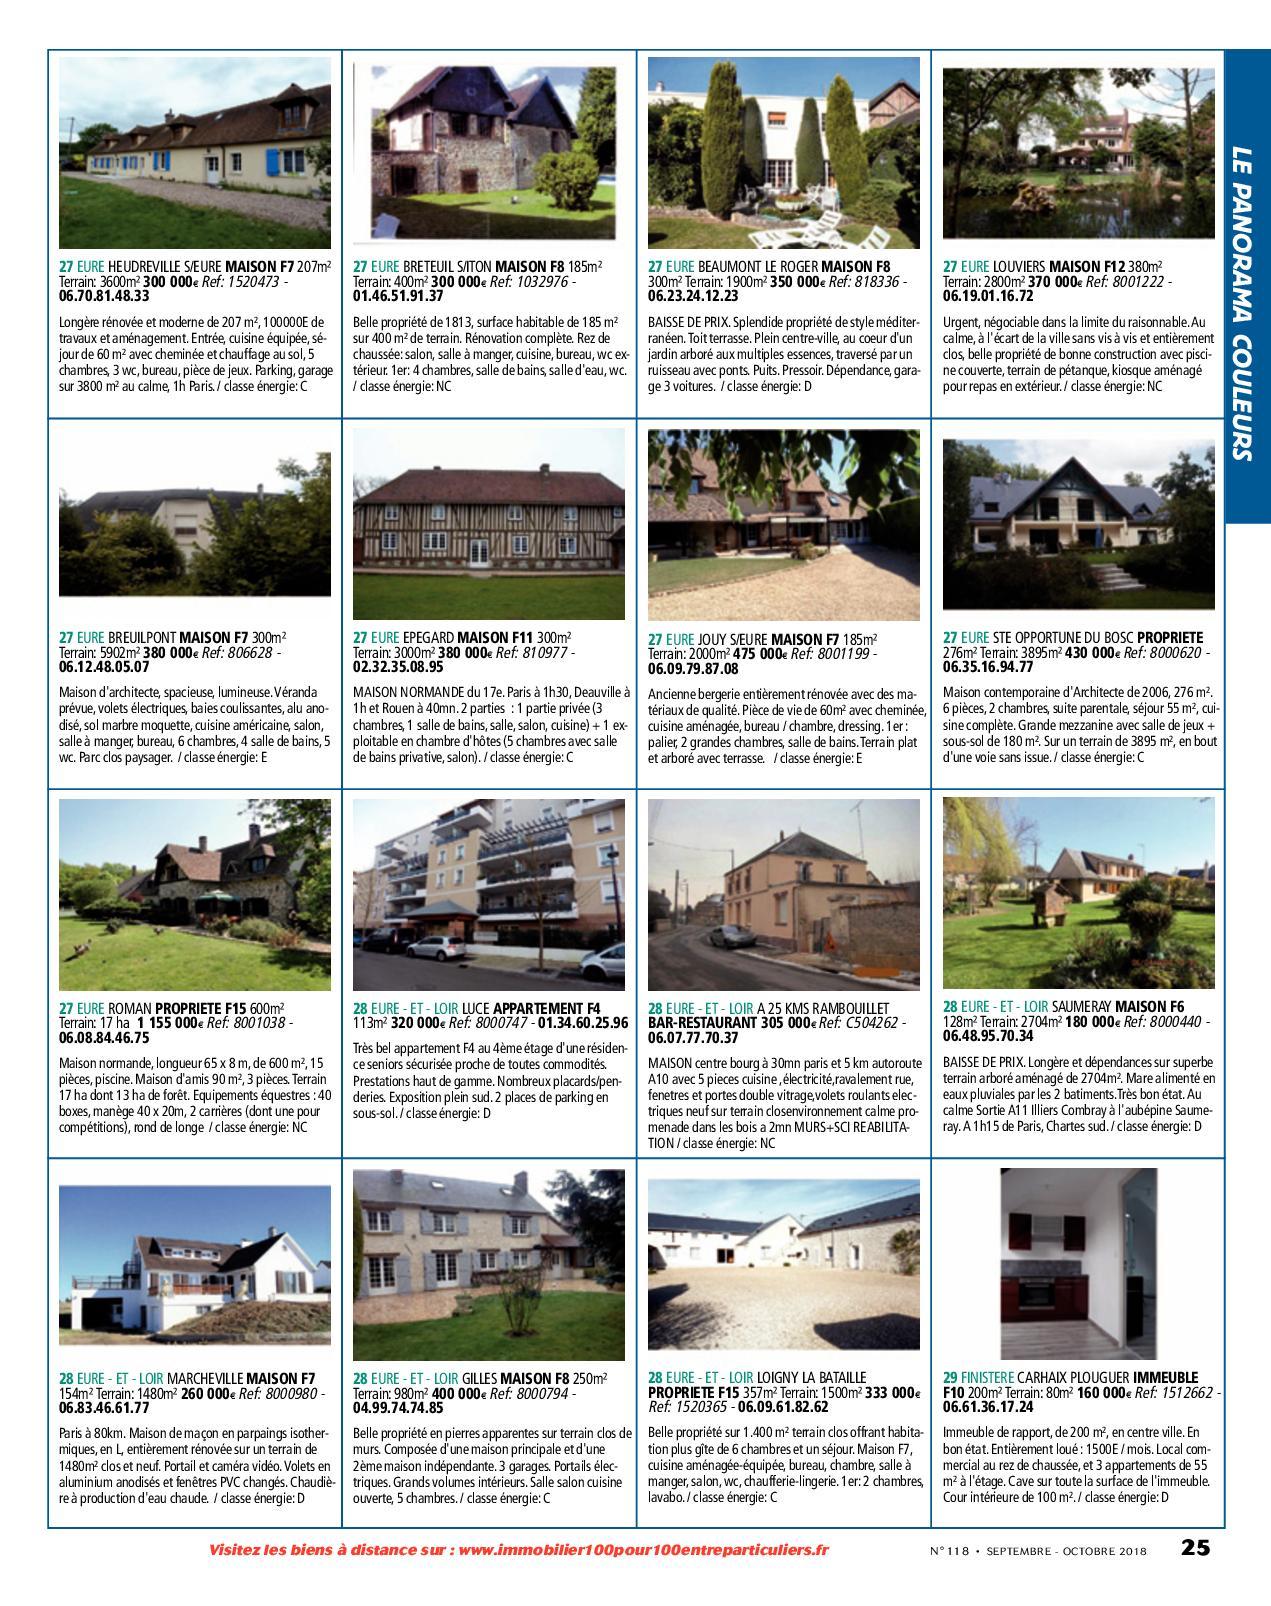 Maison Avec Travaux 77 l'immobilier 100% entre particuliers – n°118 – septembre